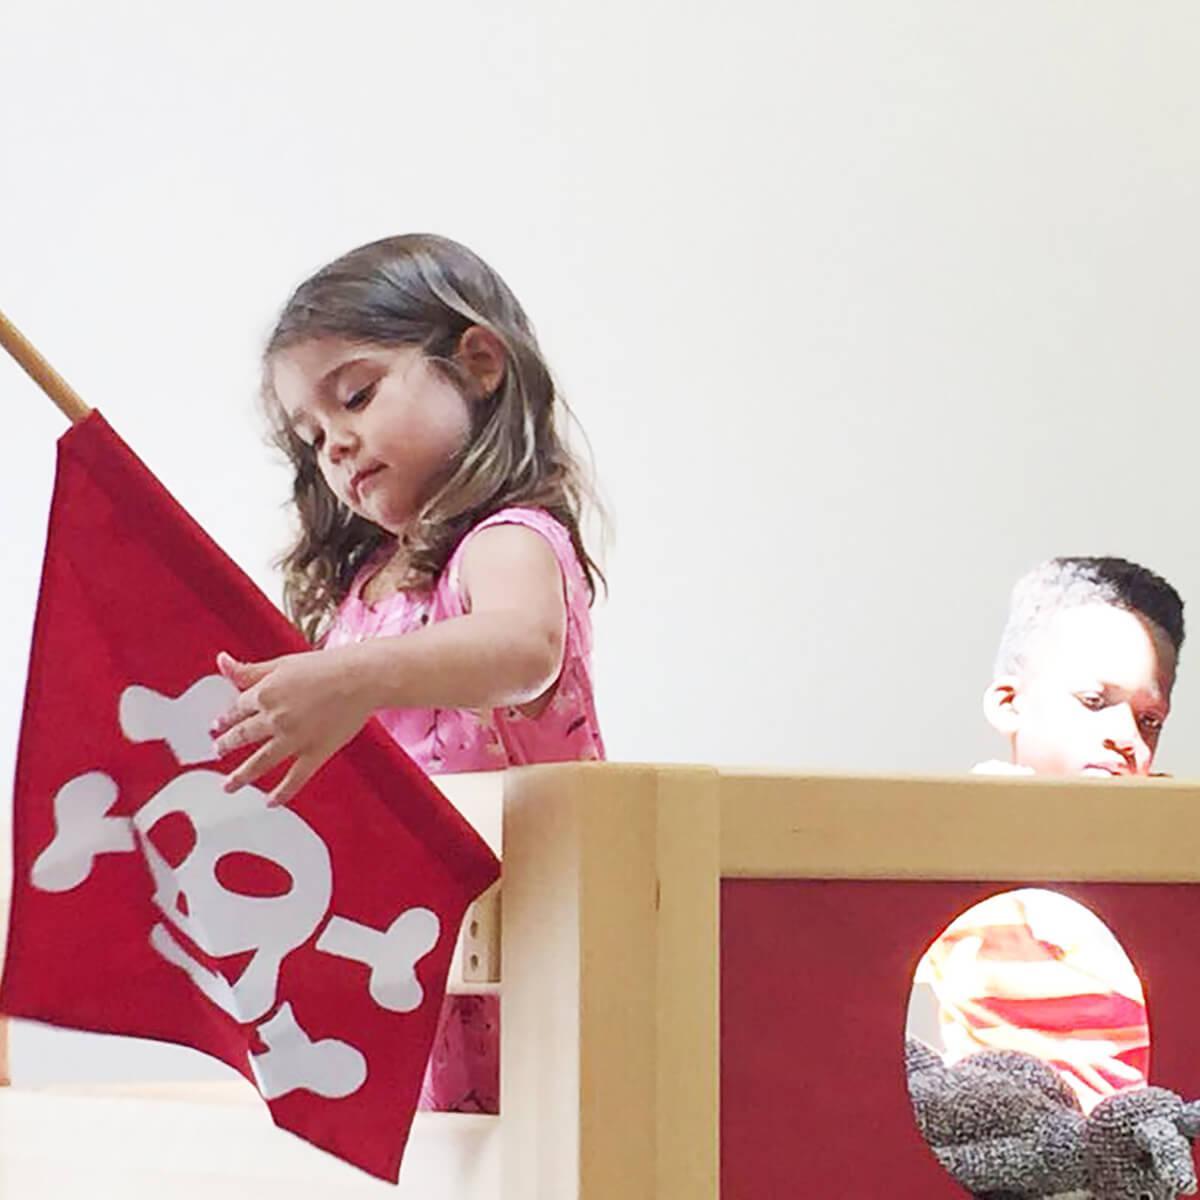 Piratenfahne mit Halter in Buche natur DELUXE Debreuyn